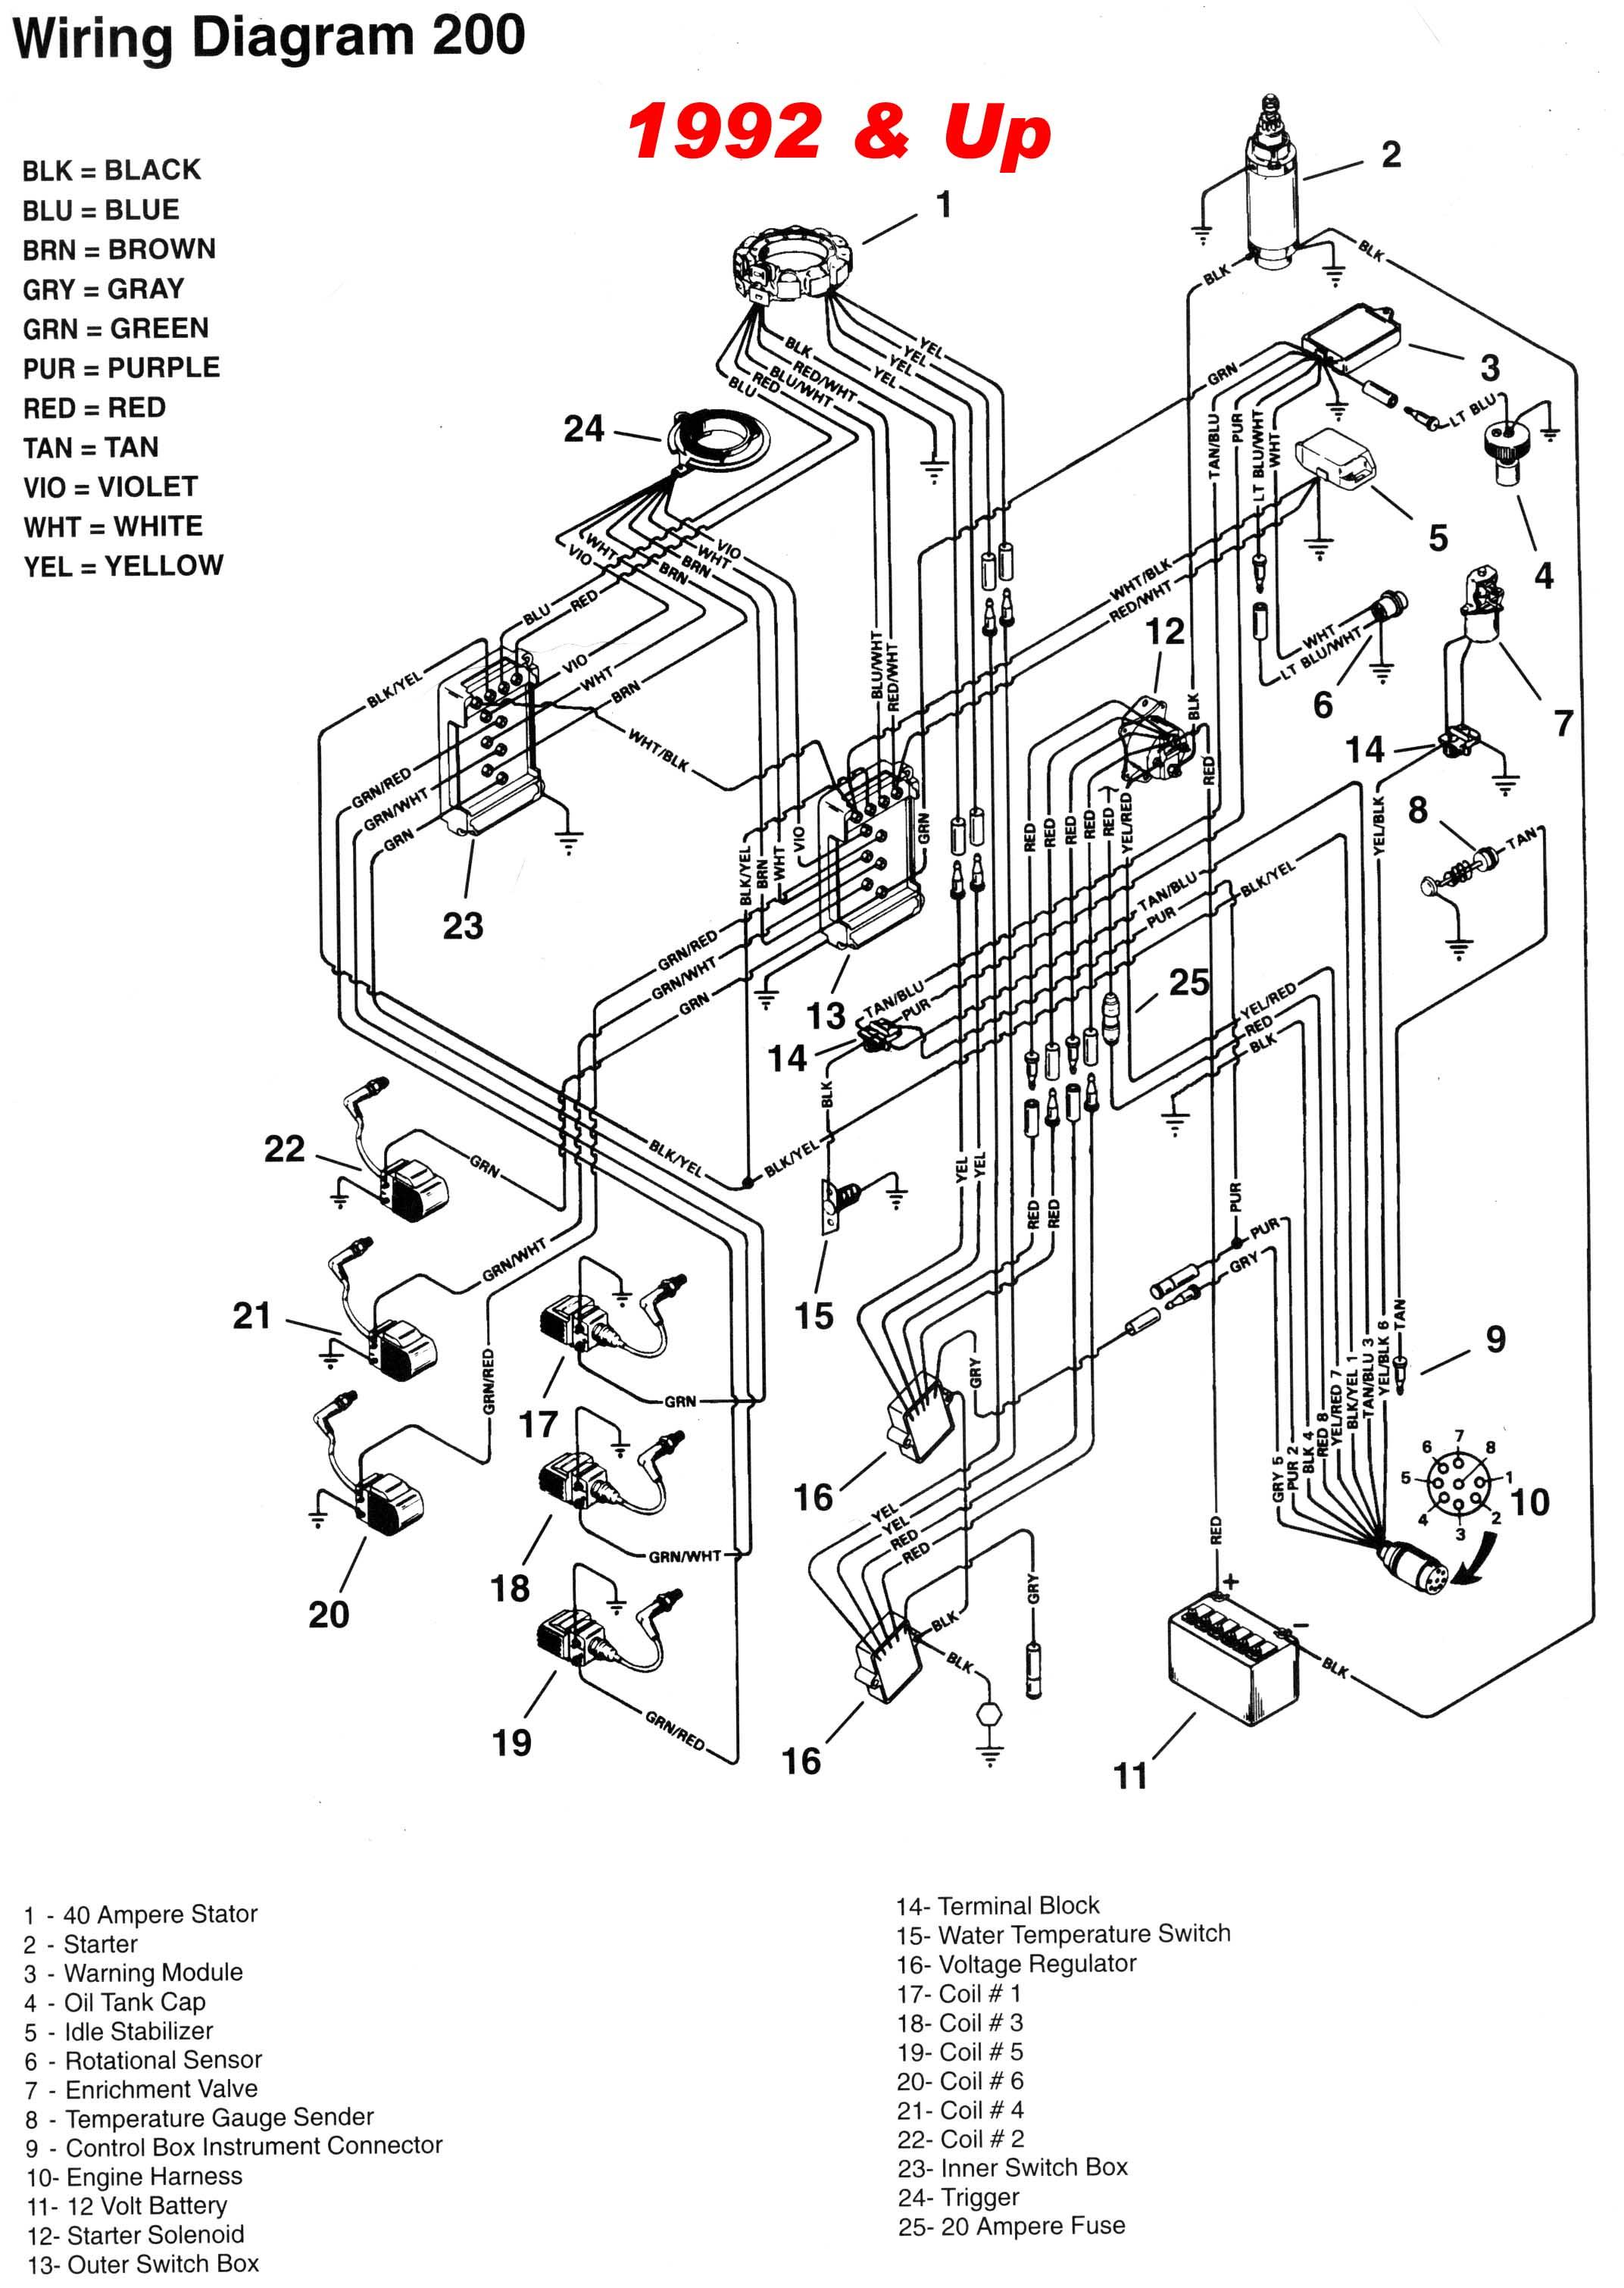 Marvelous On A 2007 Suzuki Eiger Wiring-diagram Images - Best ...